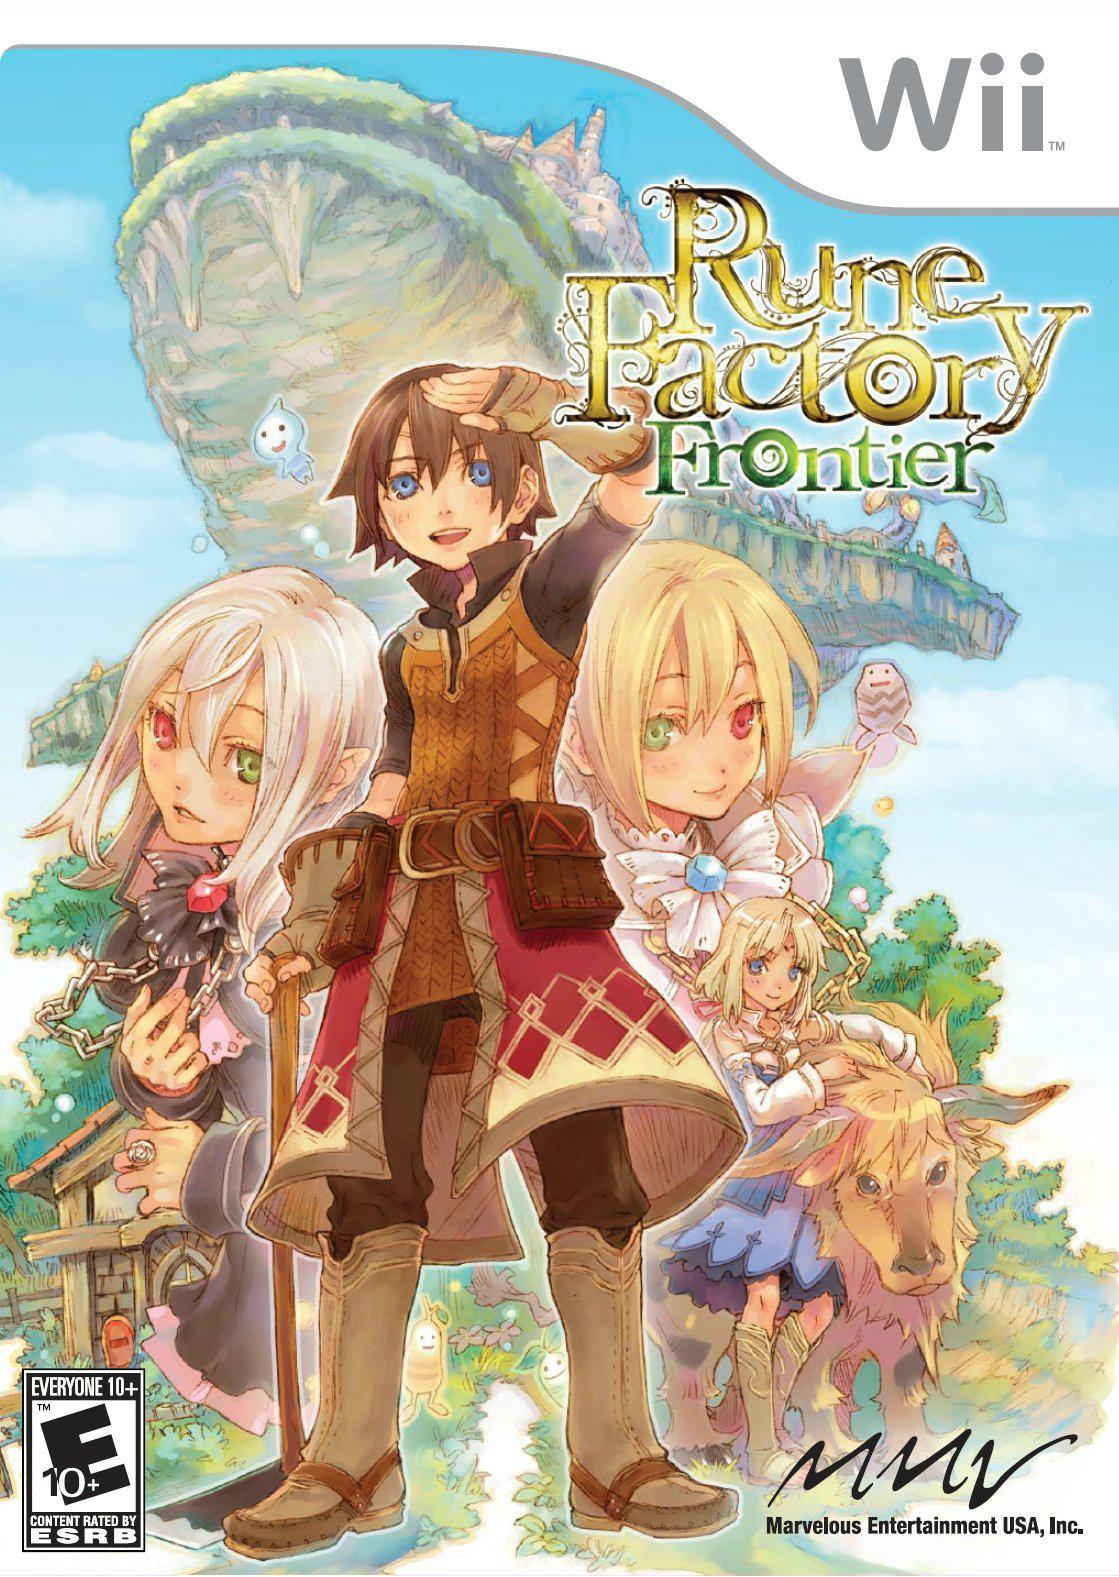 Rune Factory: Frontier | Rune Factory Wiki | Fandom powered by Wikia